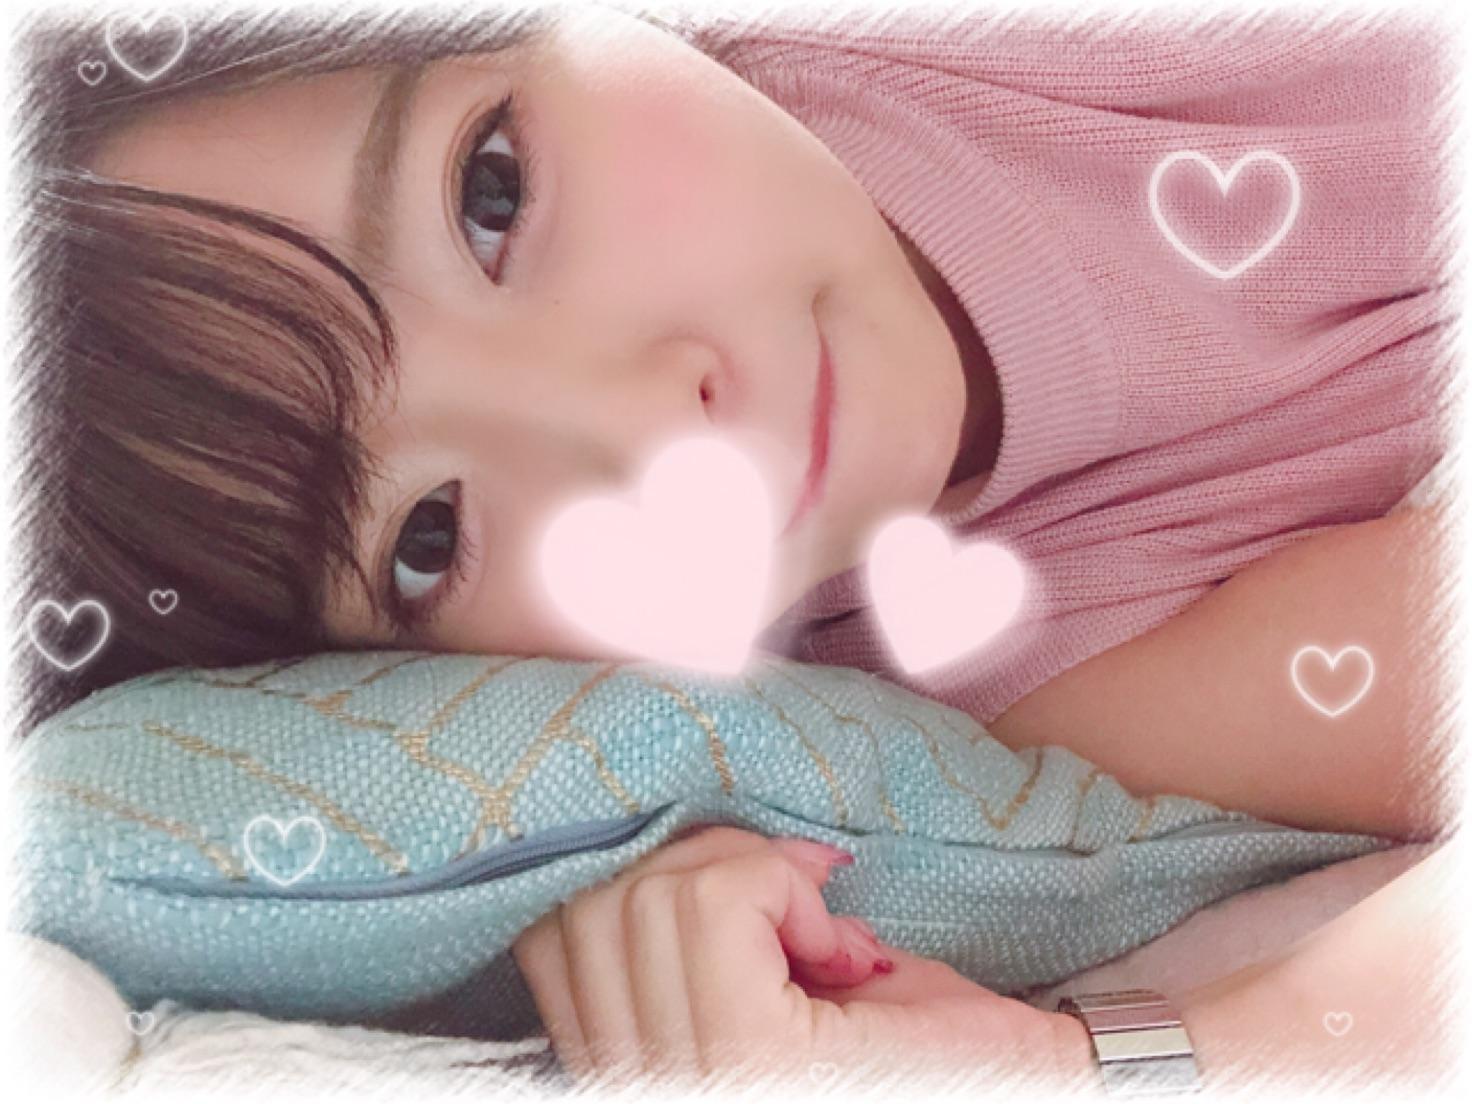 「デートの待ってる時」02/09(土) 20:14 | まいの写メ・風俗動画